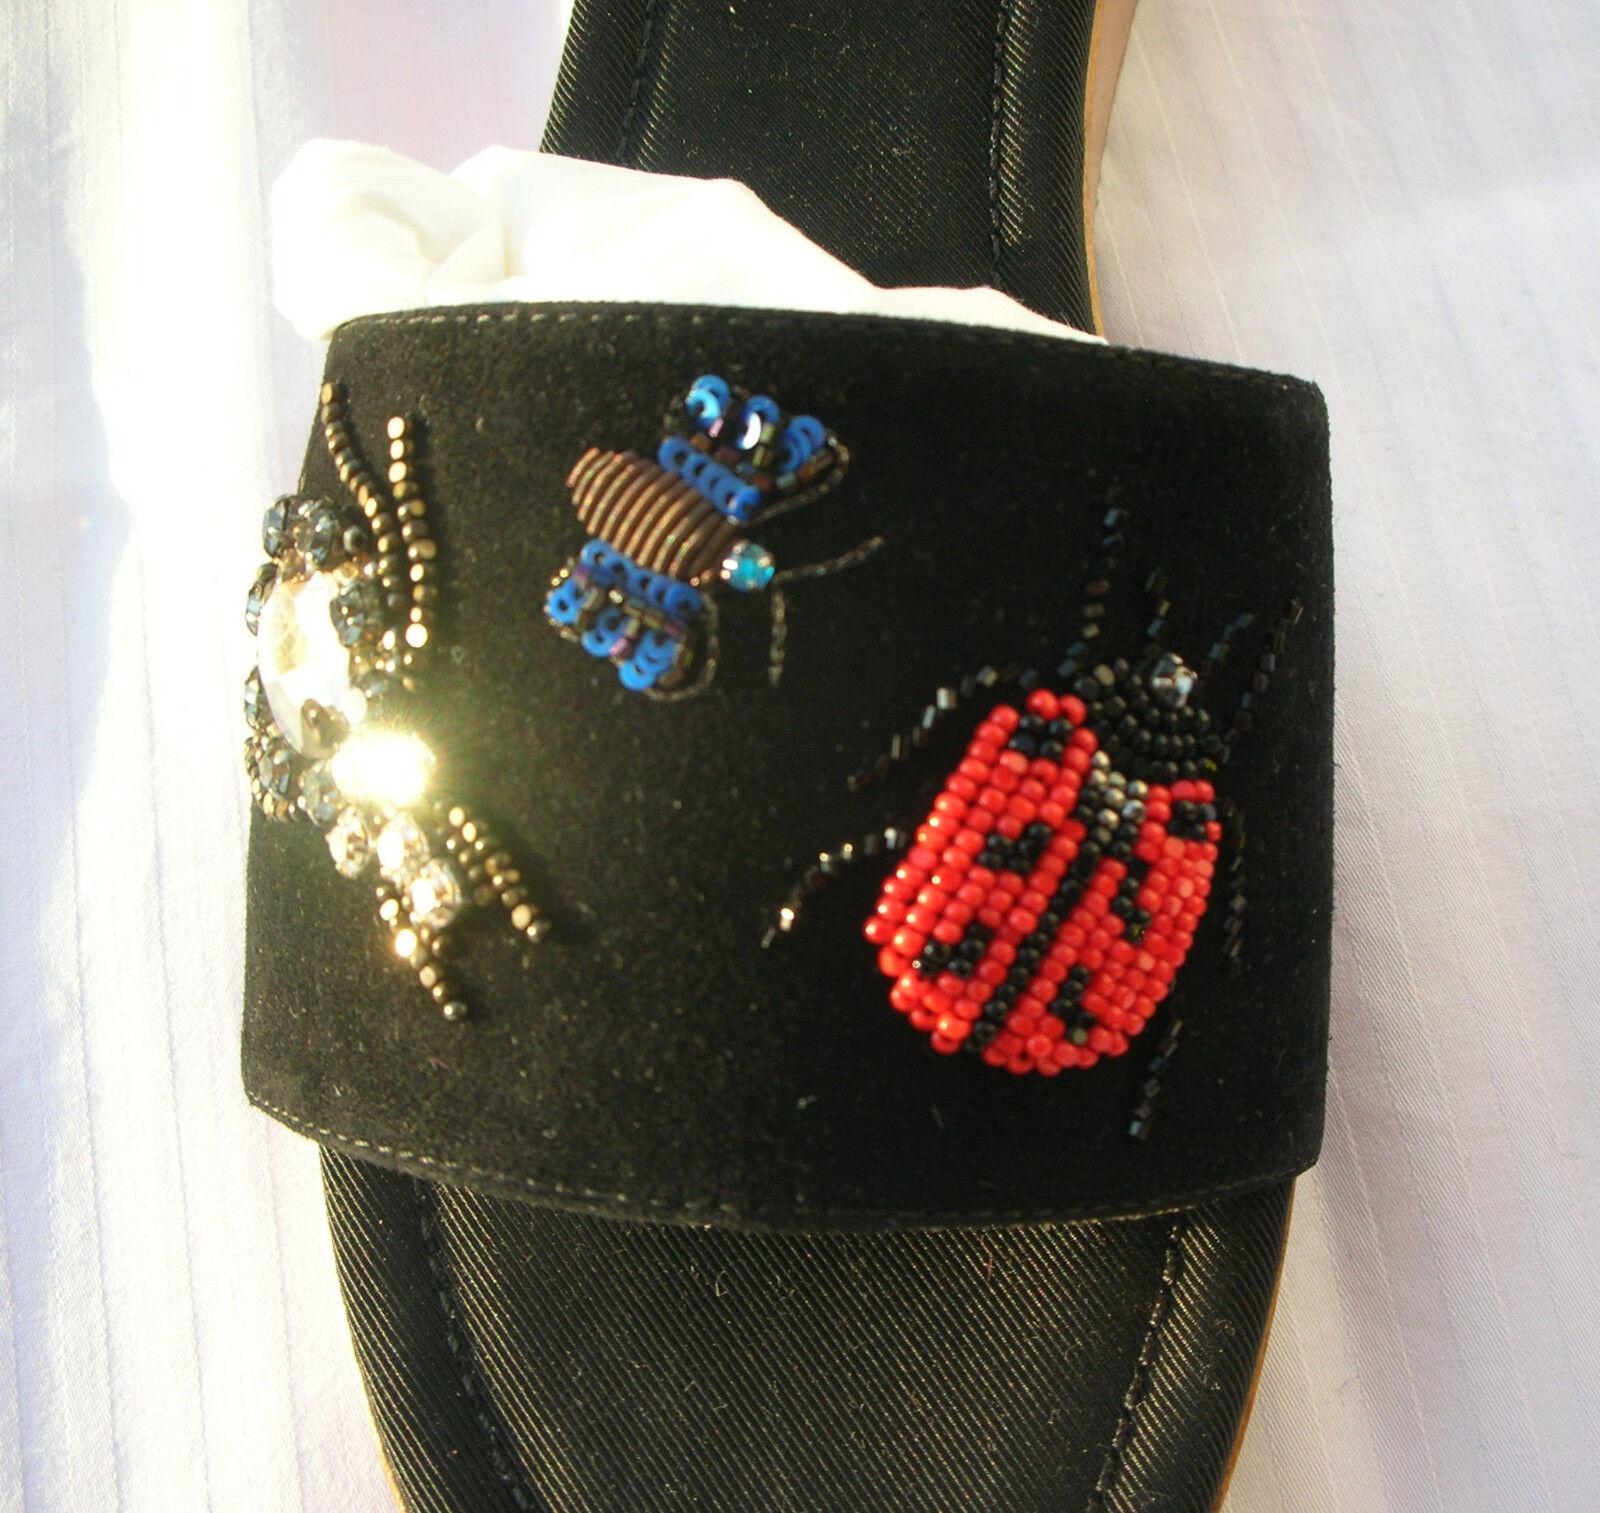 Etro etro Clogs sandalias plataforma sandalias de cuero negro 41 11 NP 695,- UE bordada